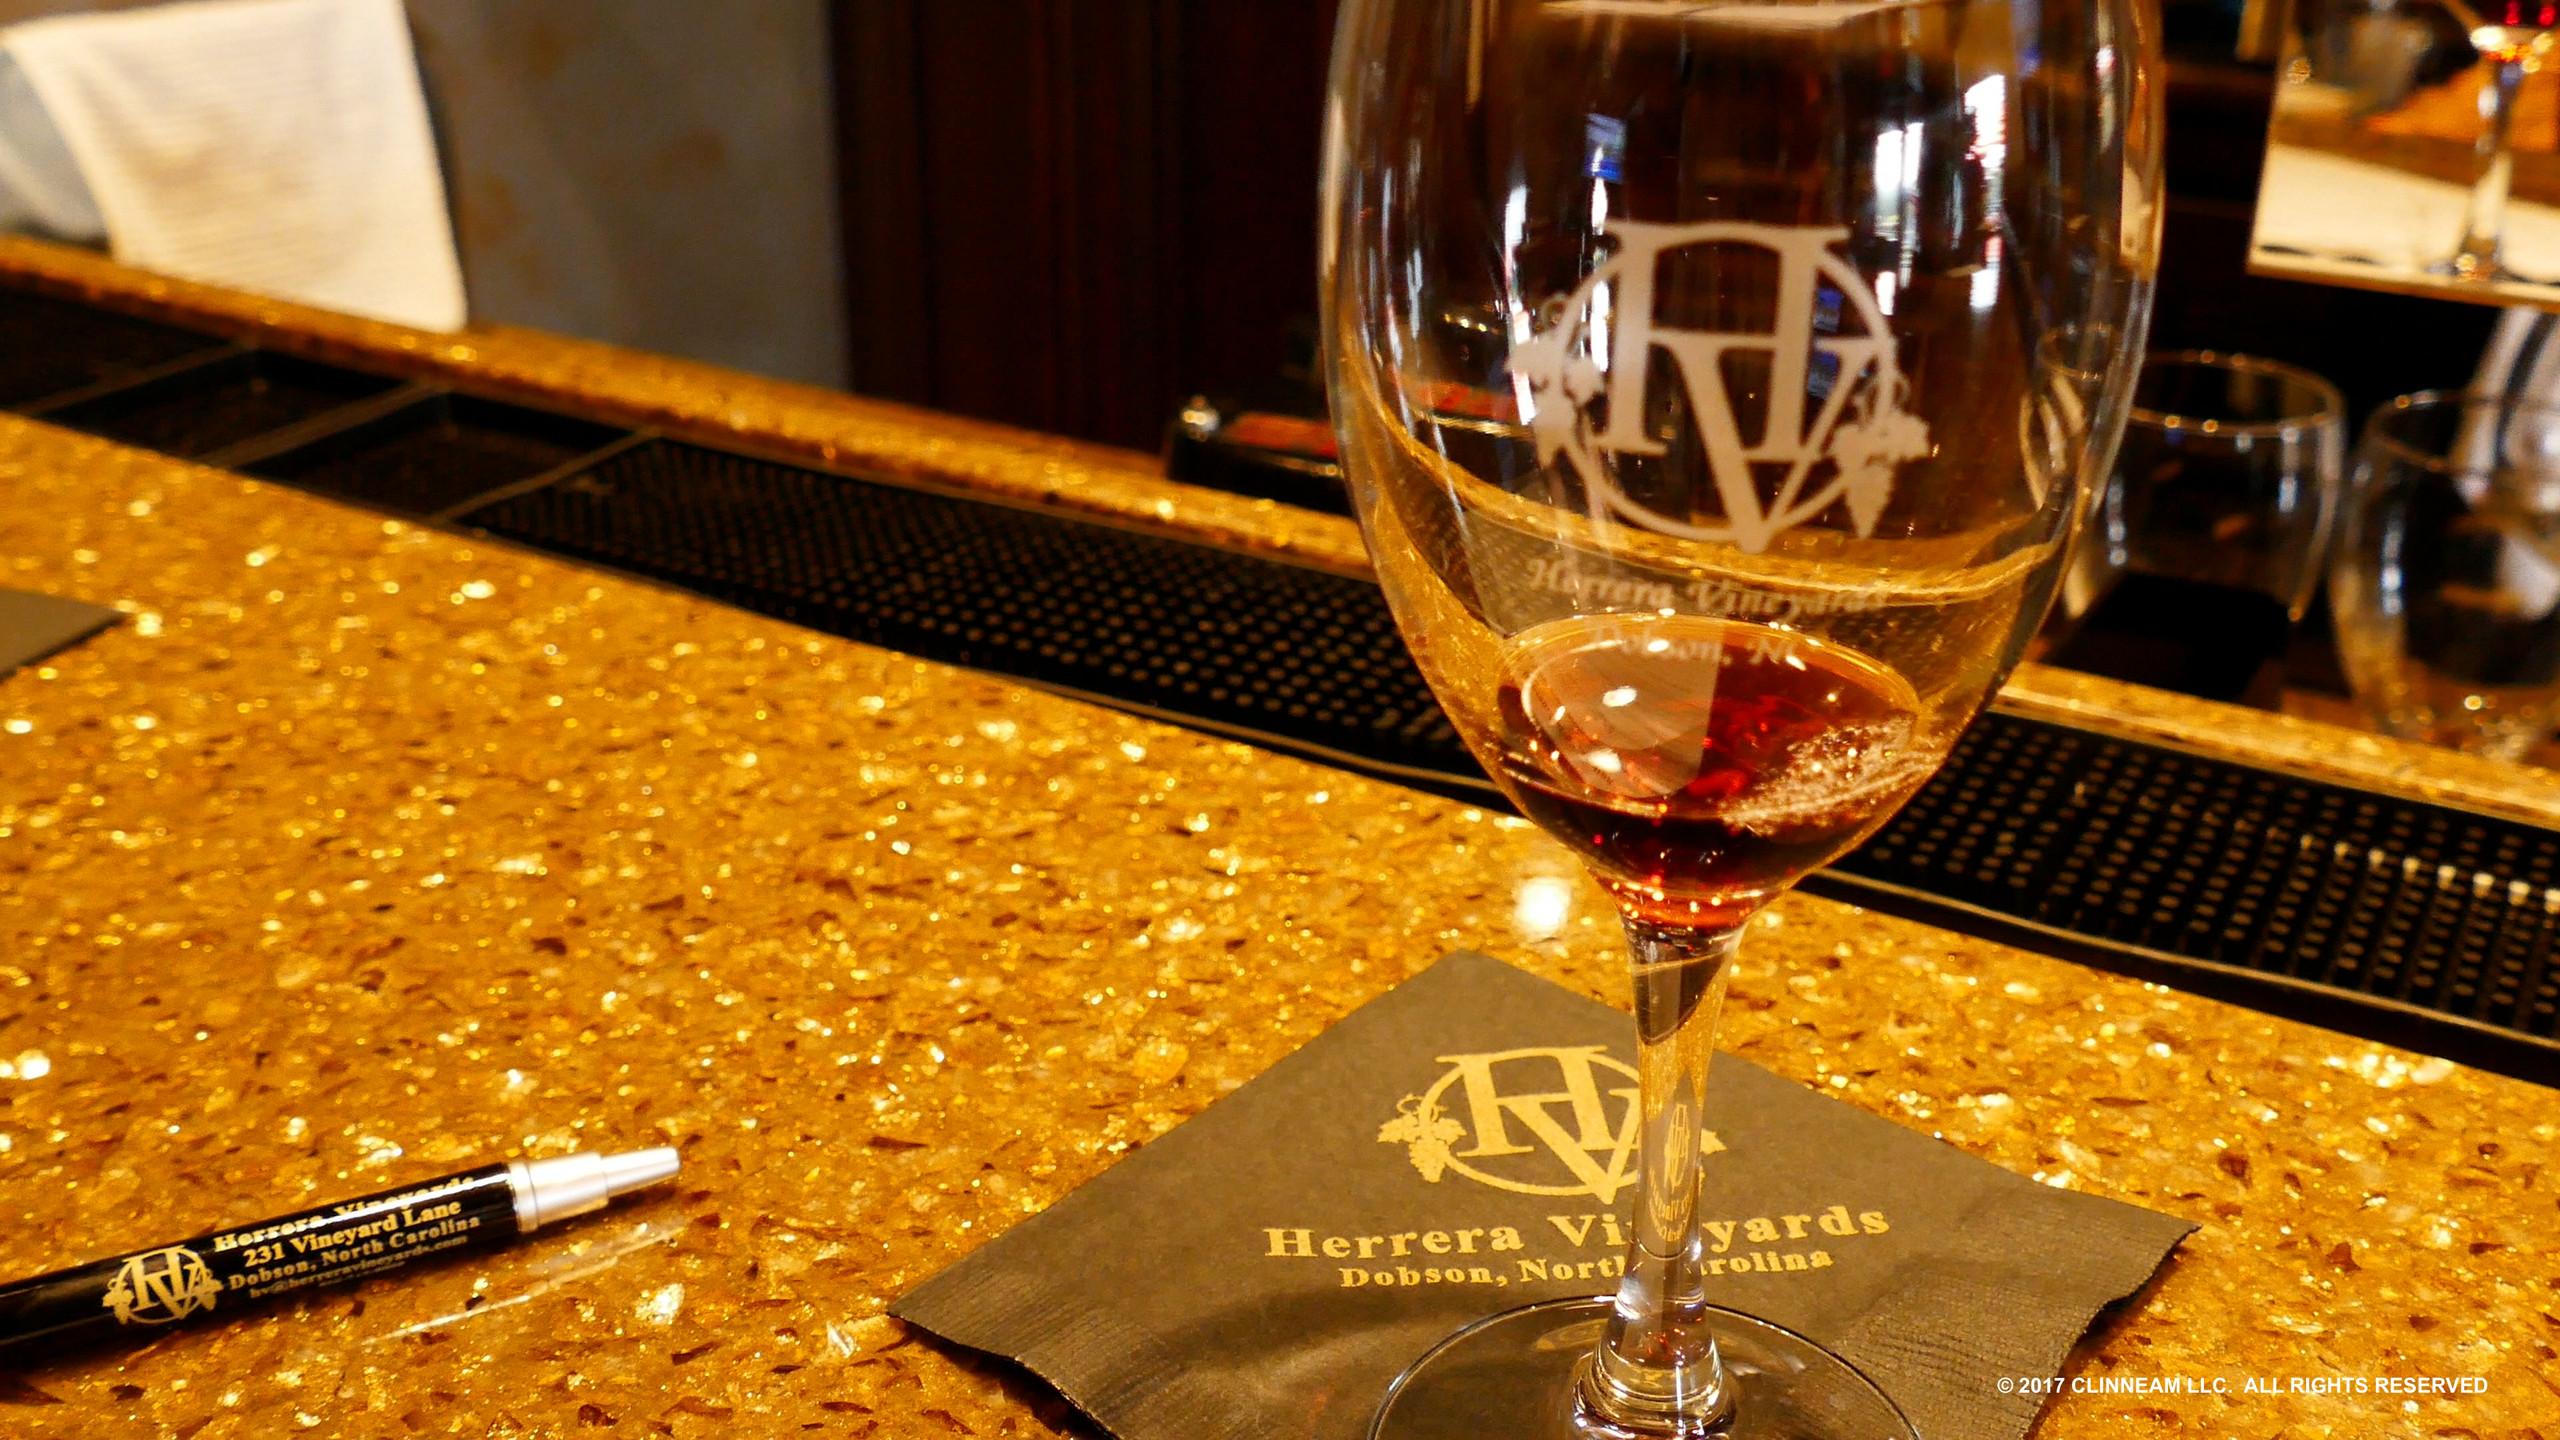 Herrera Glass